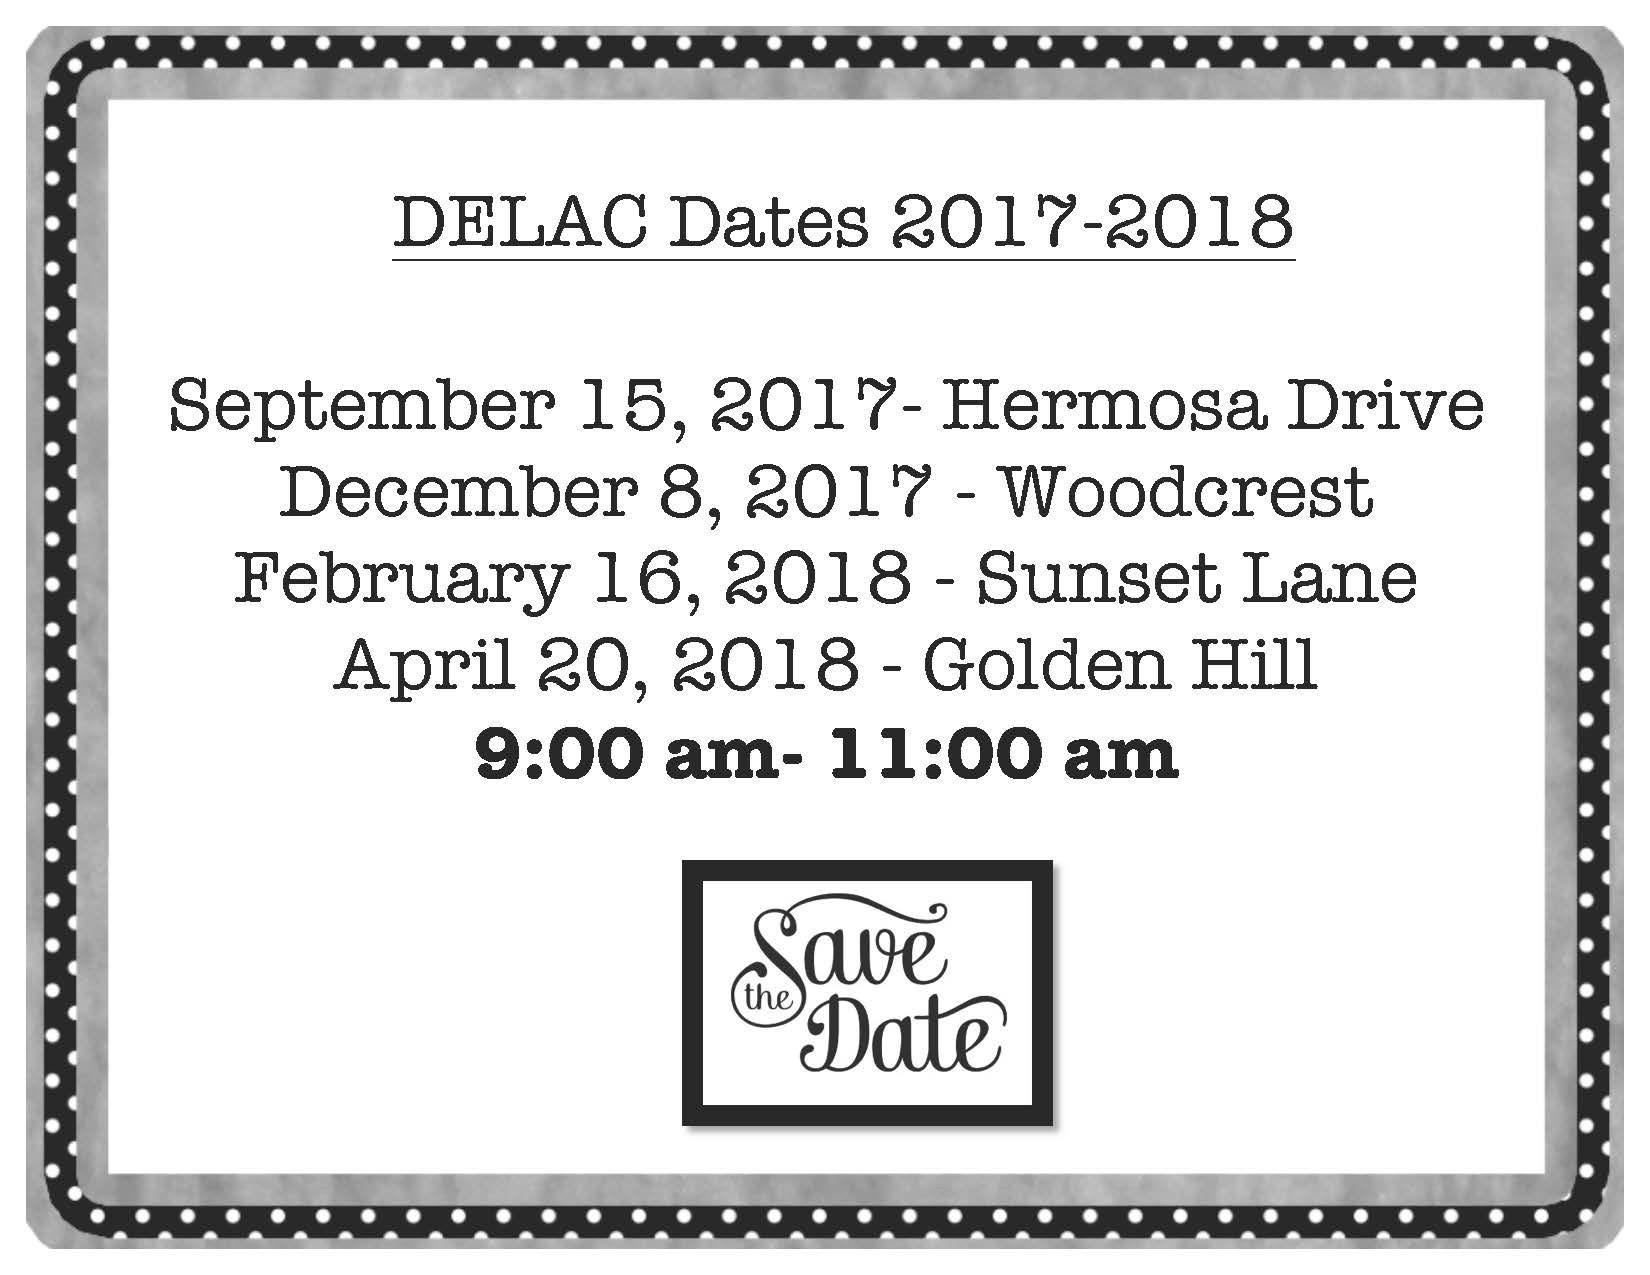 DELAC flyer